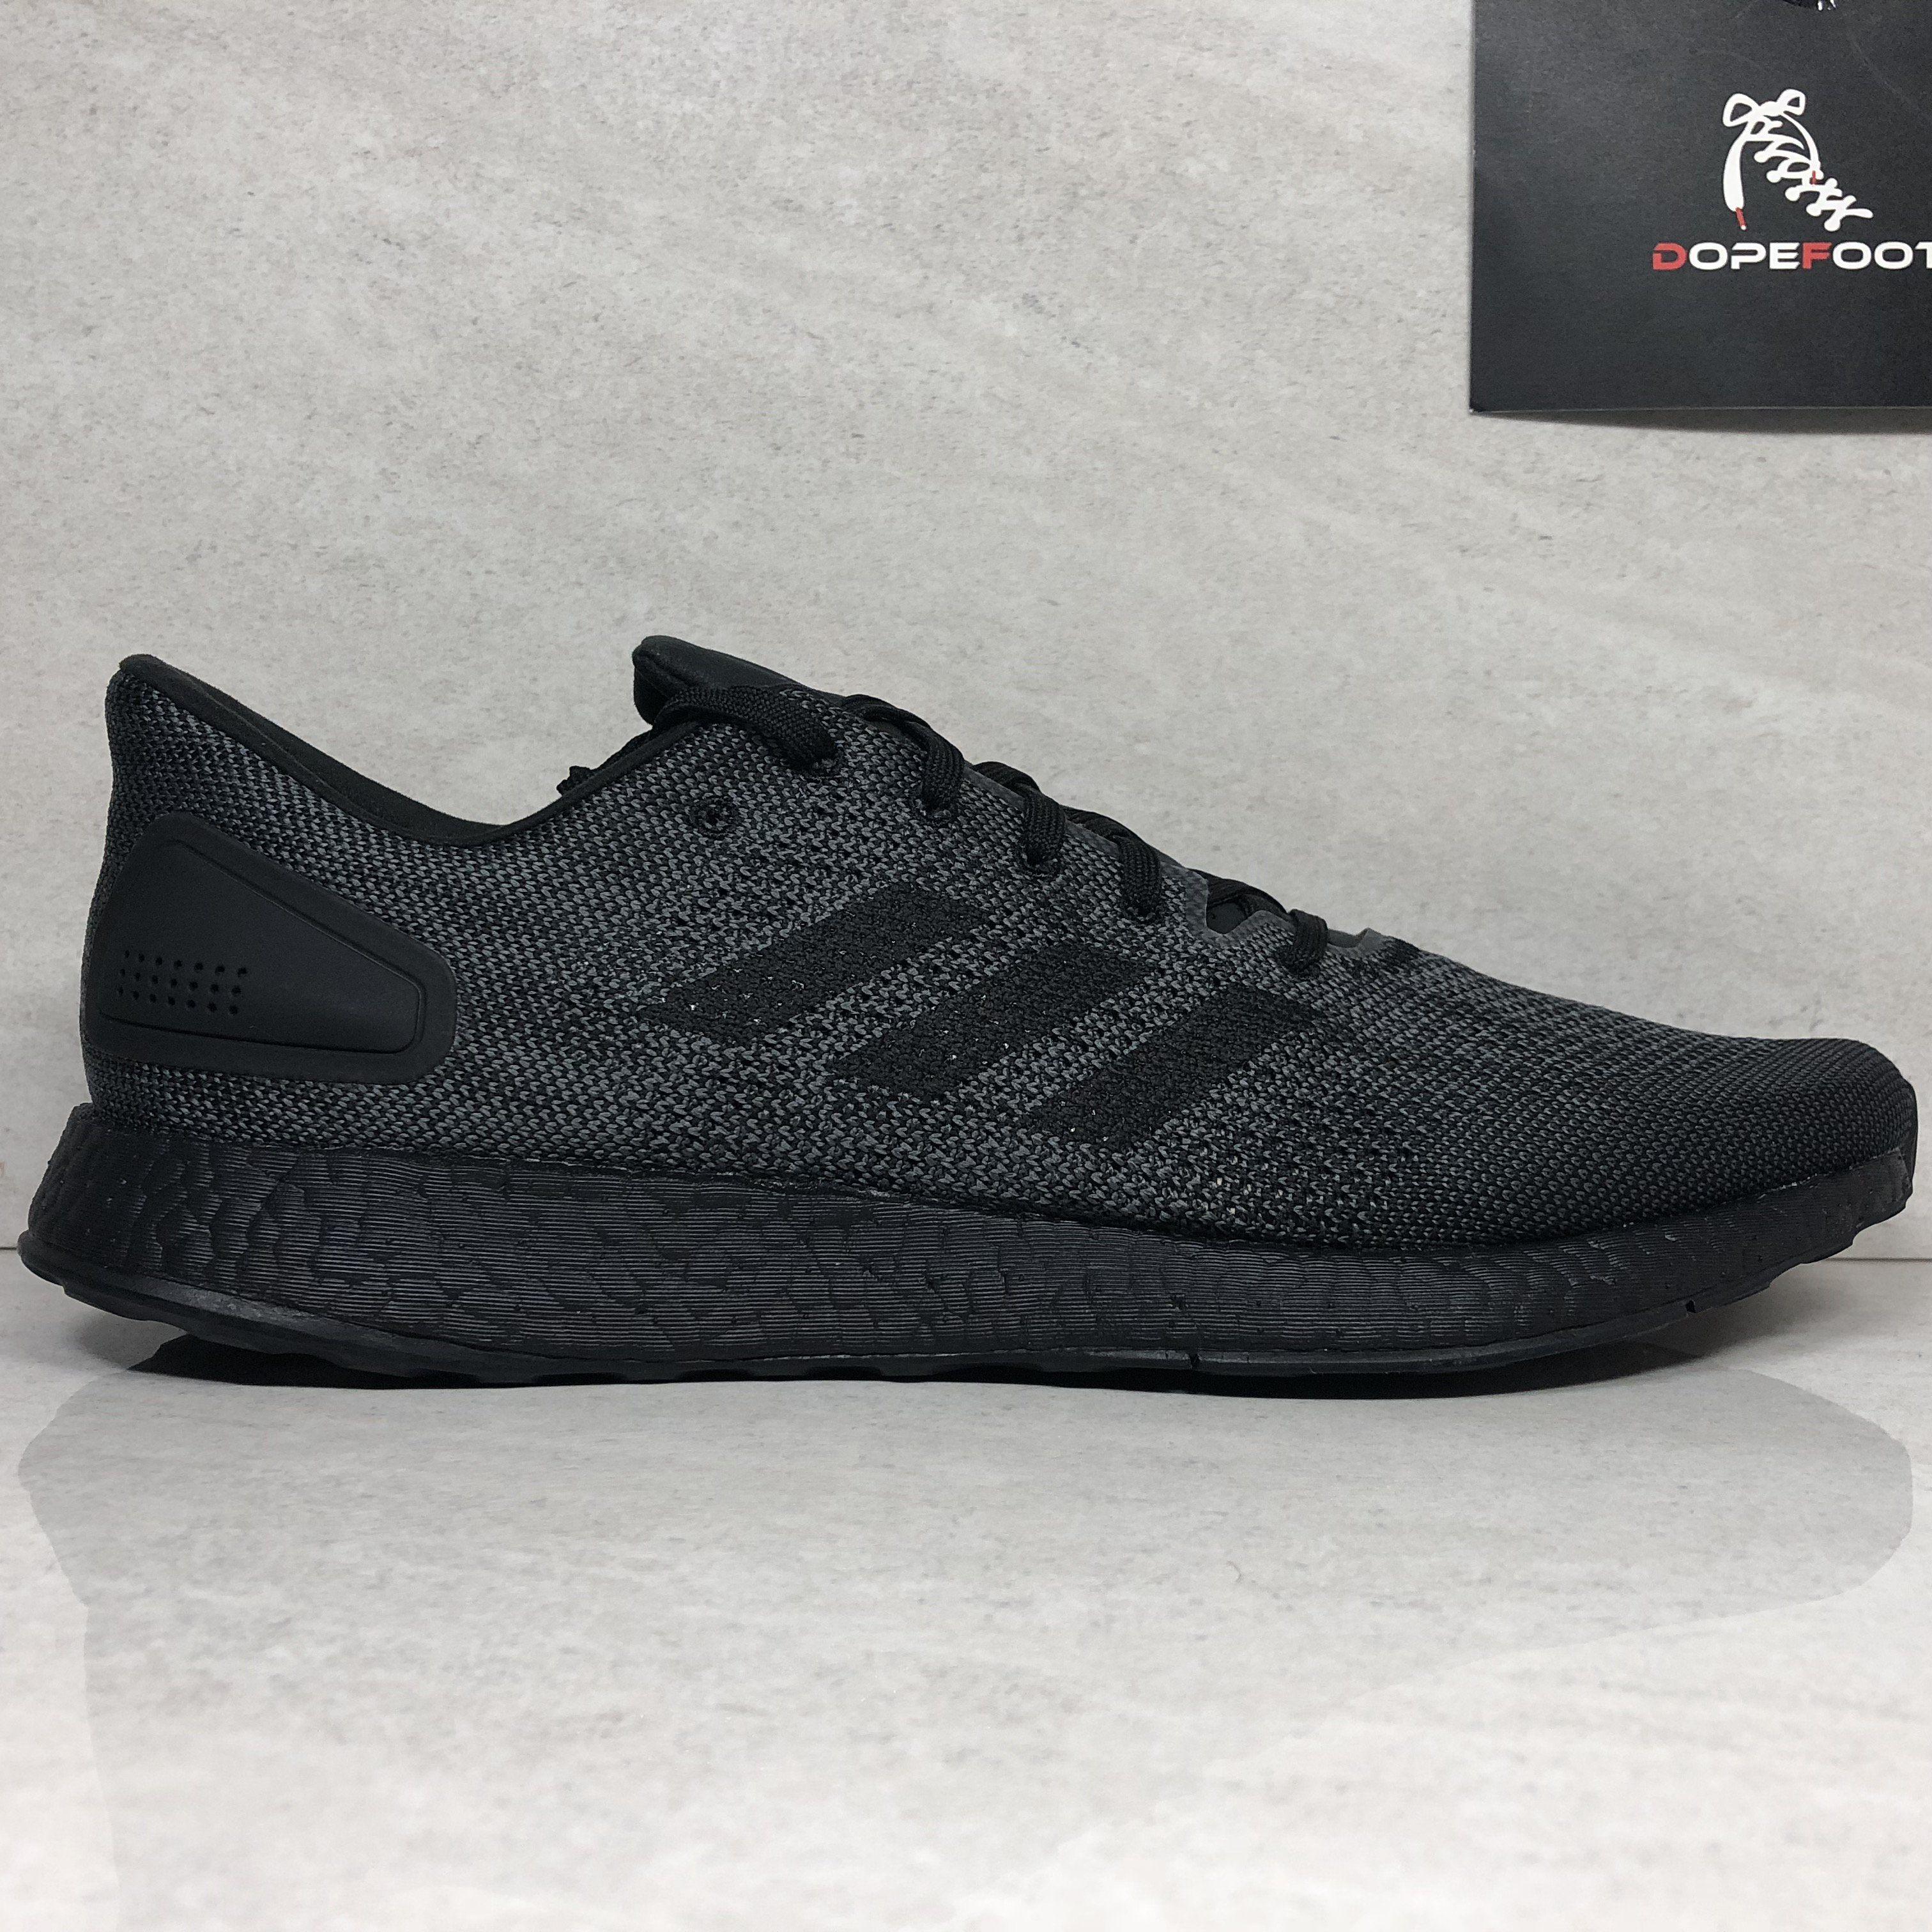 DS Adidas PureBoost DPR LTD Size 13 Triple Black BB6303